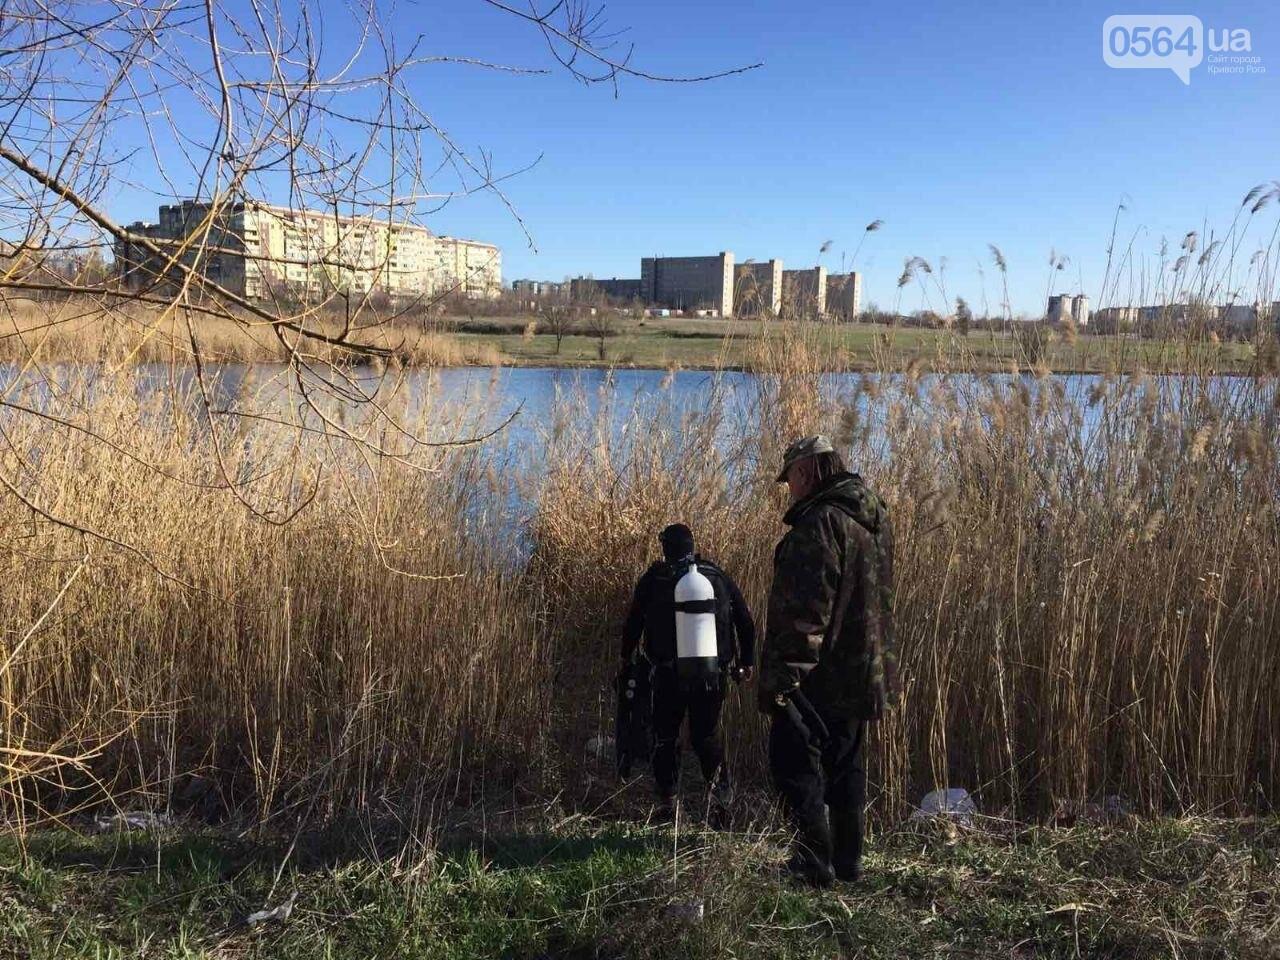 Двое родственников в Кривом Роге на спор переплывали водоем: один переплыл, второй утонул, - ФОТО, фото-2